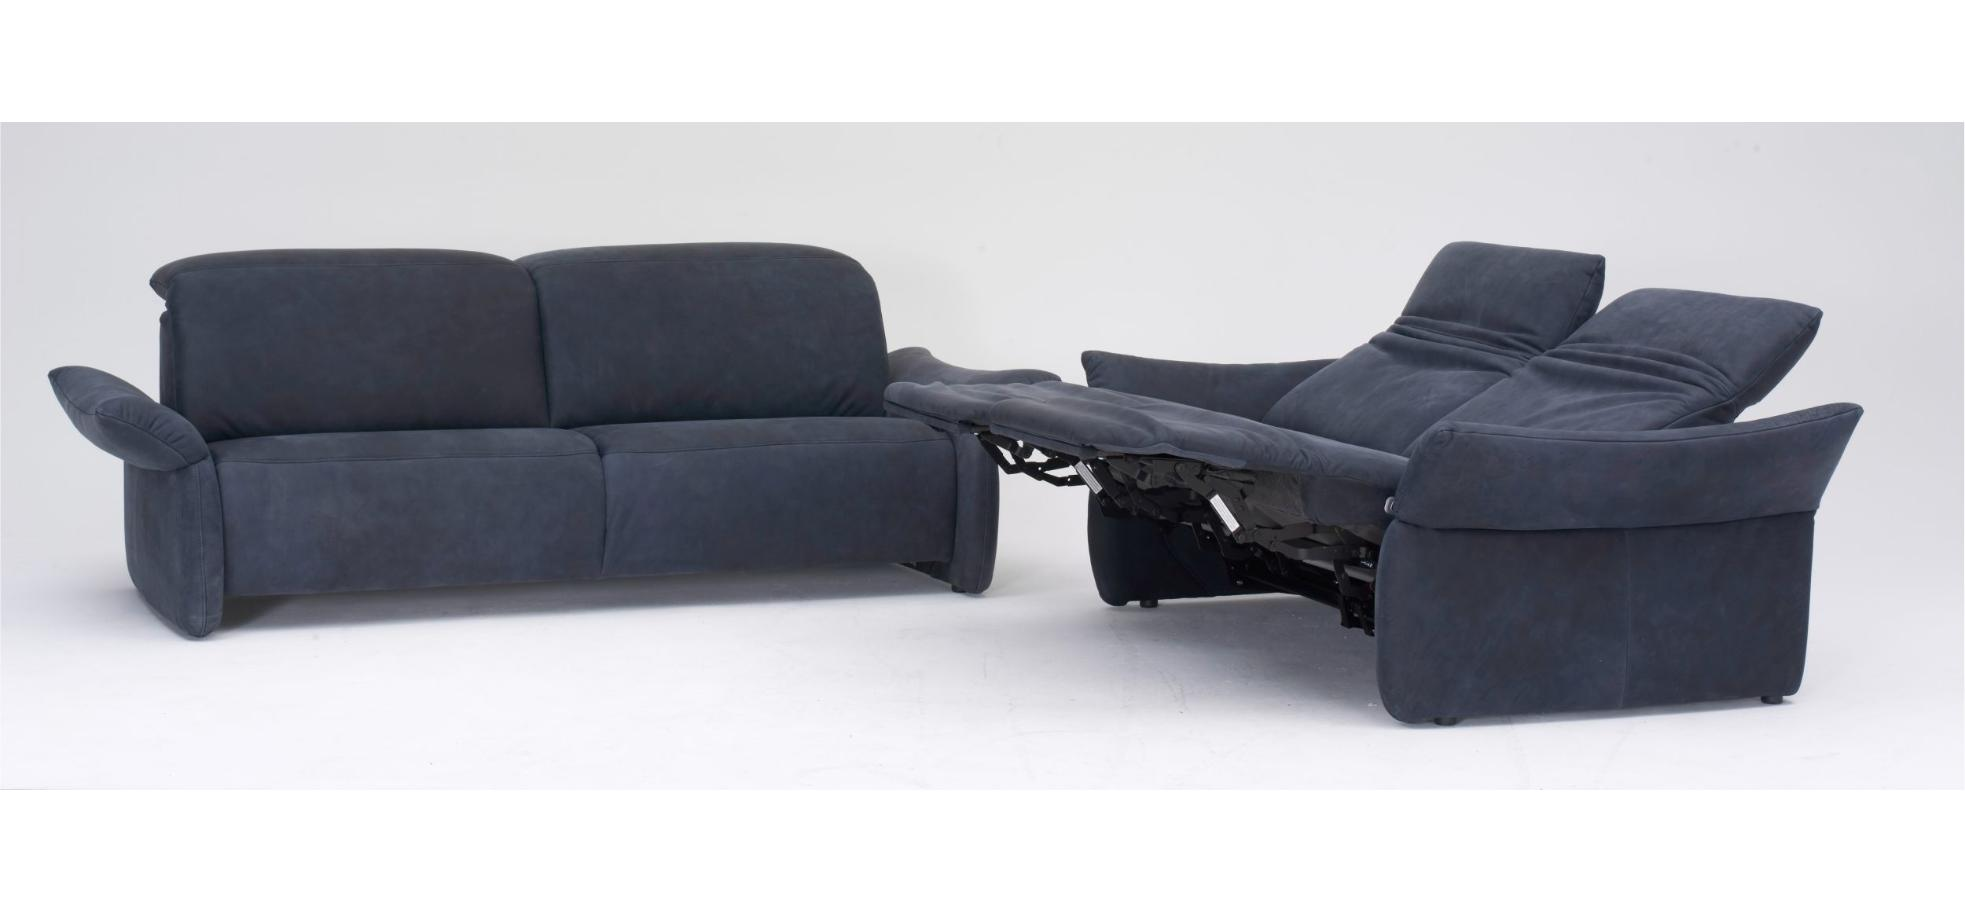 Full Size of 2 Sitzer Sofa Mit Relaxfunktion Gebraucht 2 Sitzer City Couch 5 Stoff Halbrundes Günstige Esstisch Baumkante Reinigen Bett Weiß 100x200 Lounge Garten Sofa 2 Sitzer Sofa Mit Relaxfunktion